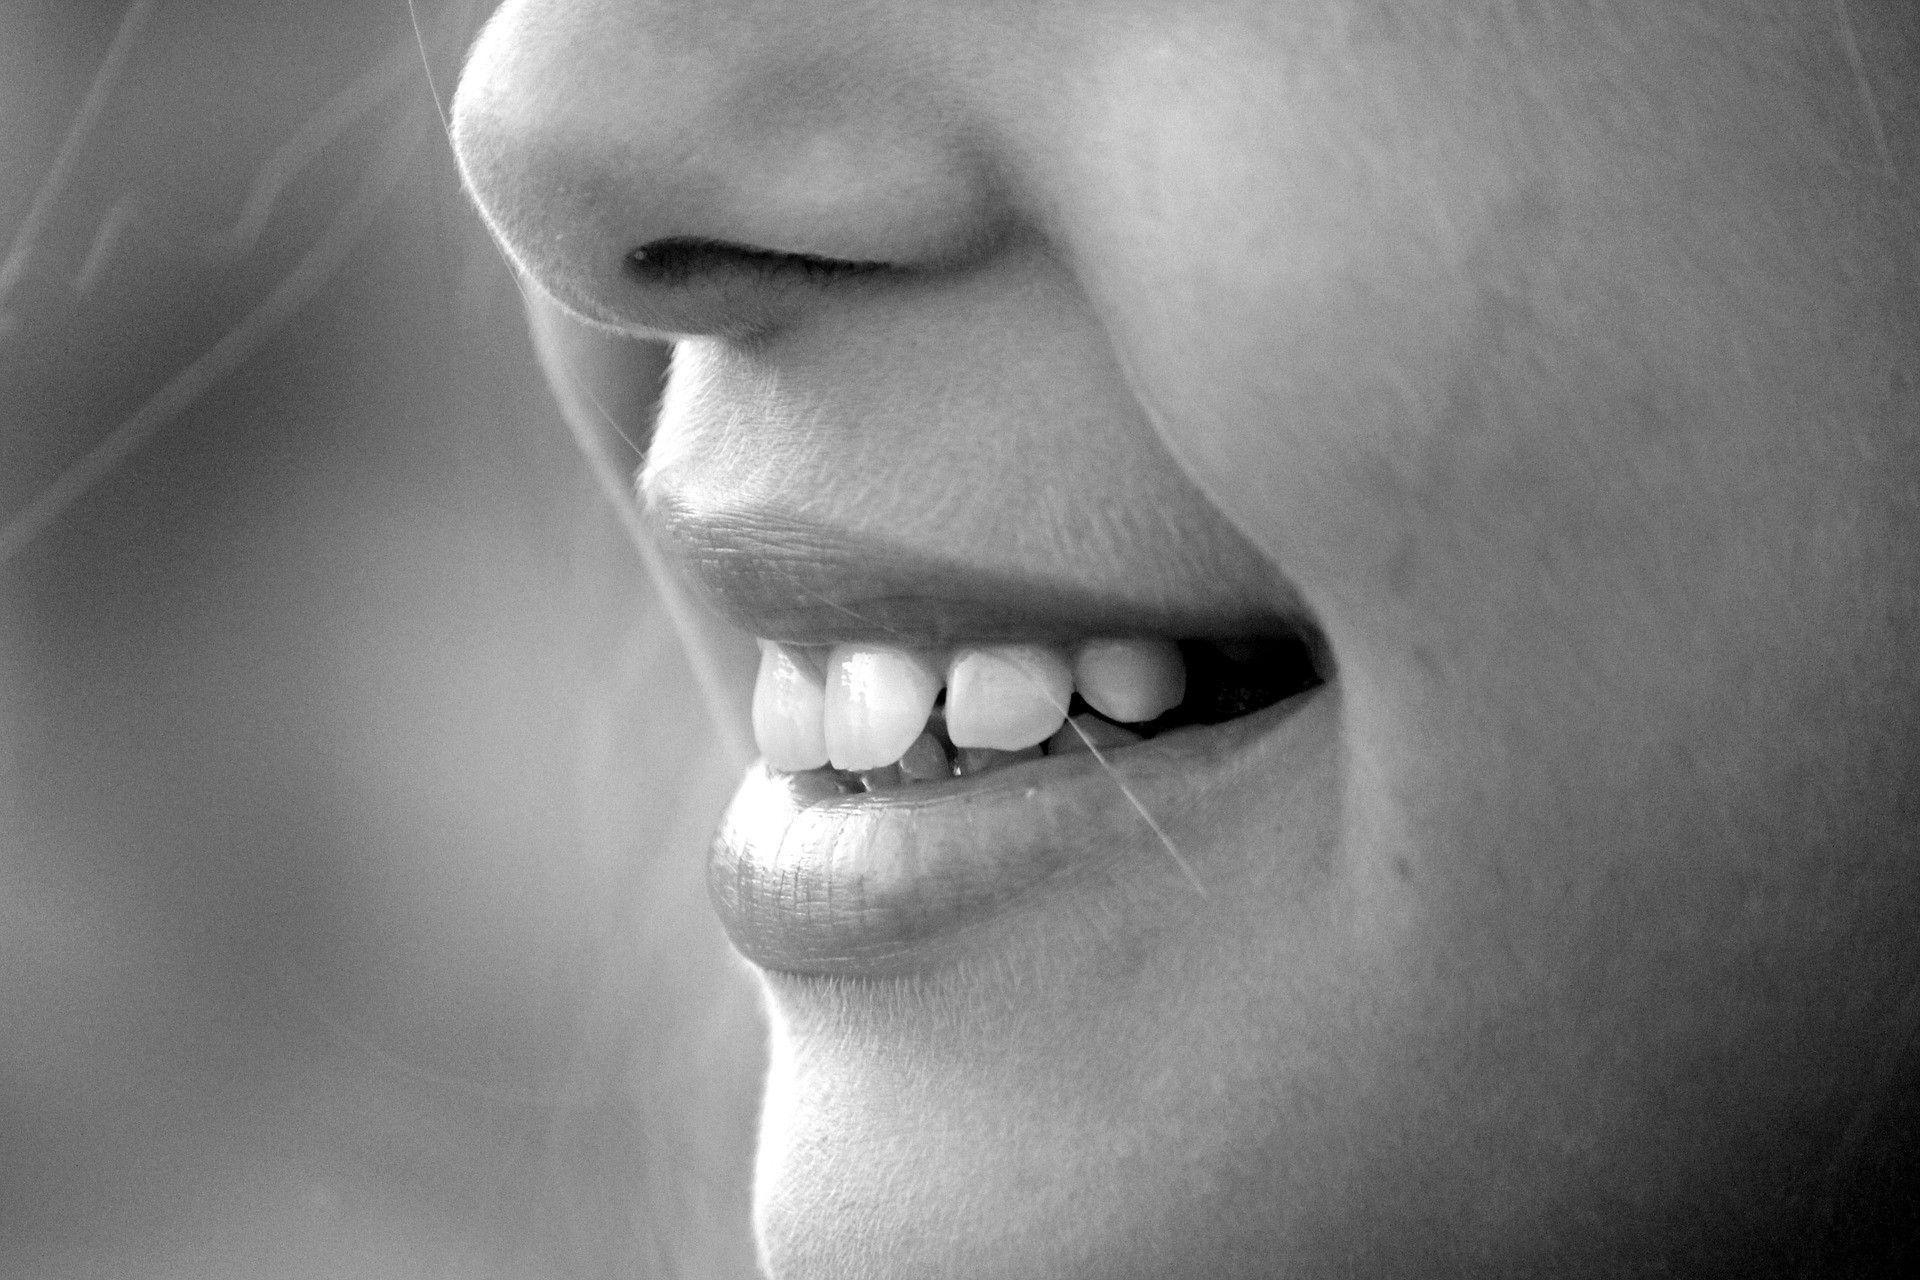 Наночастицы оксида титана отбелят зубы без повреждения эмали